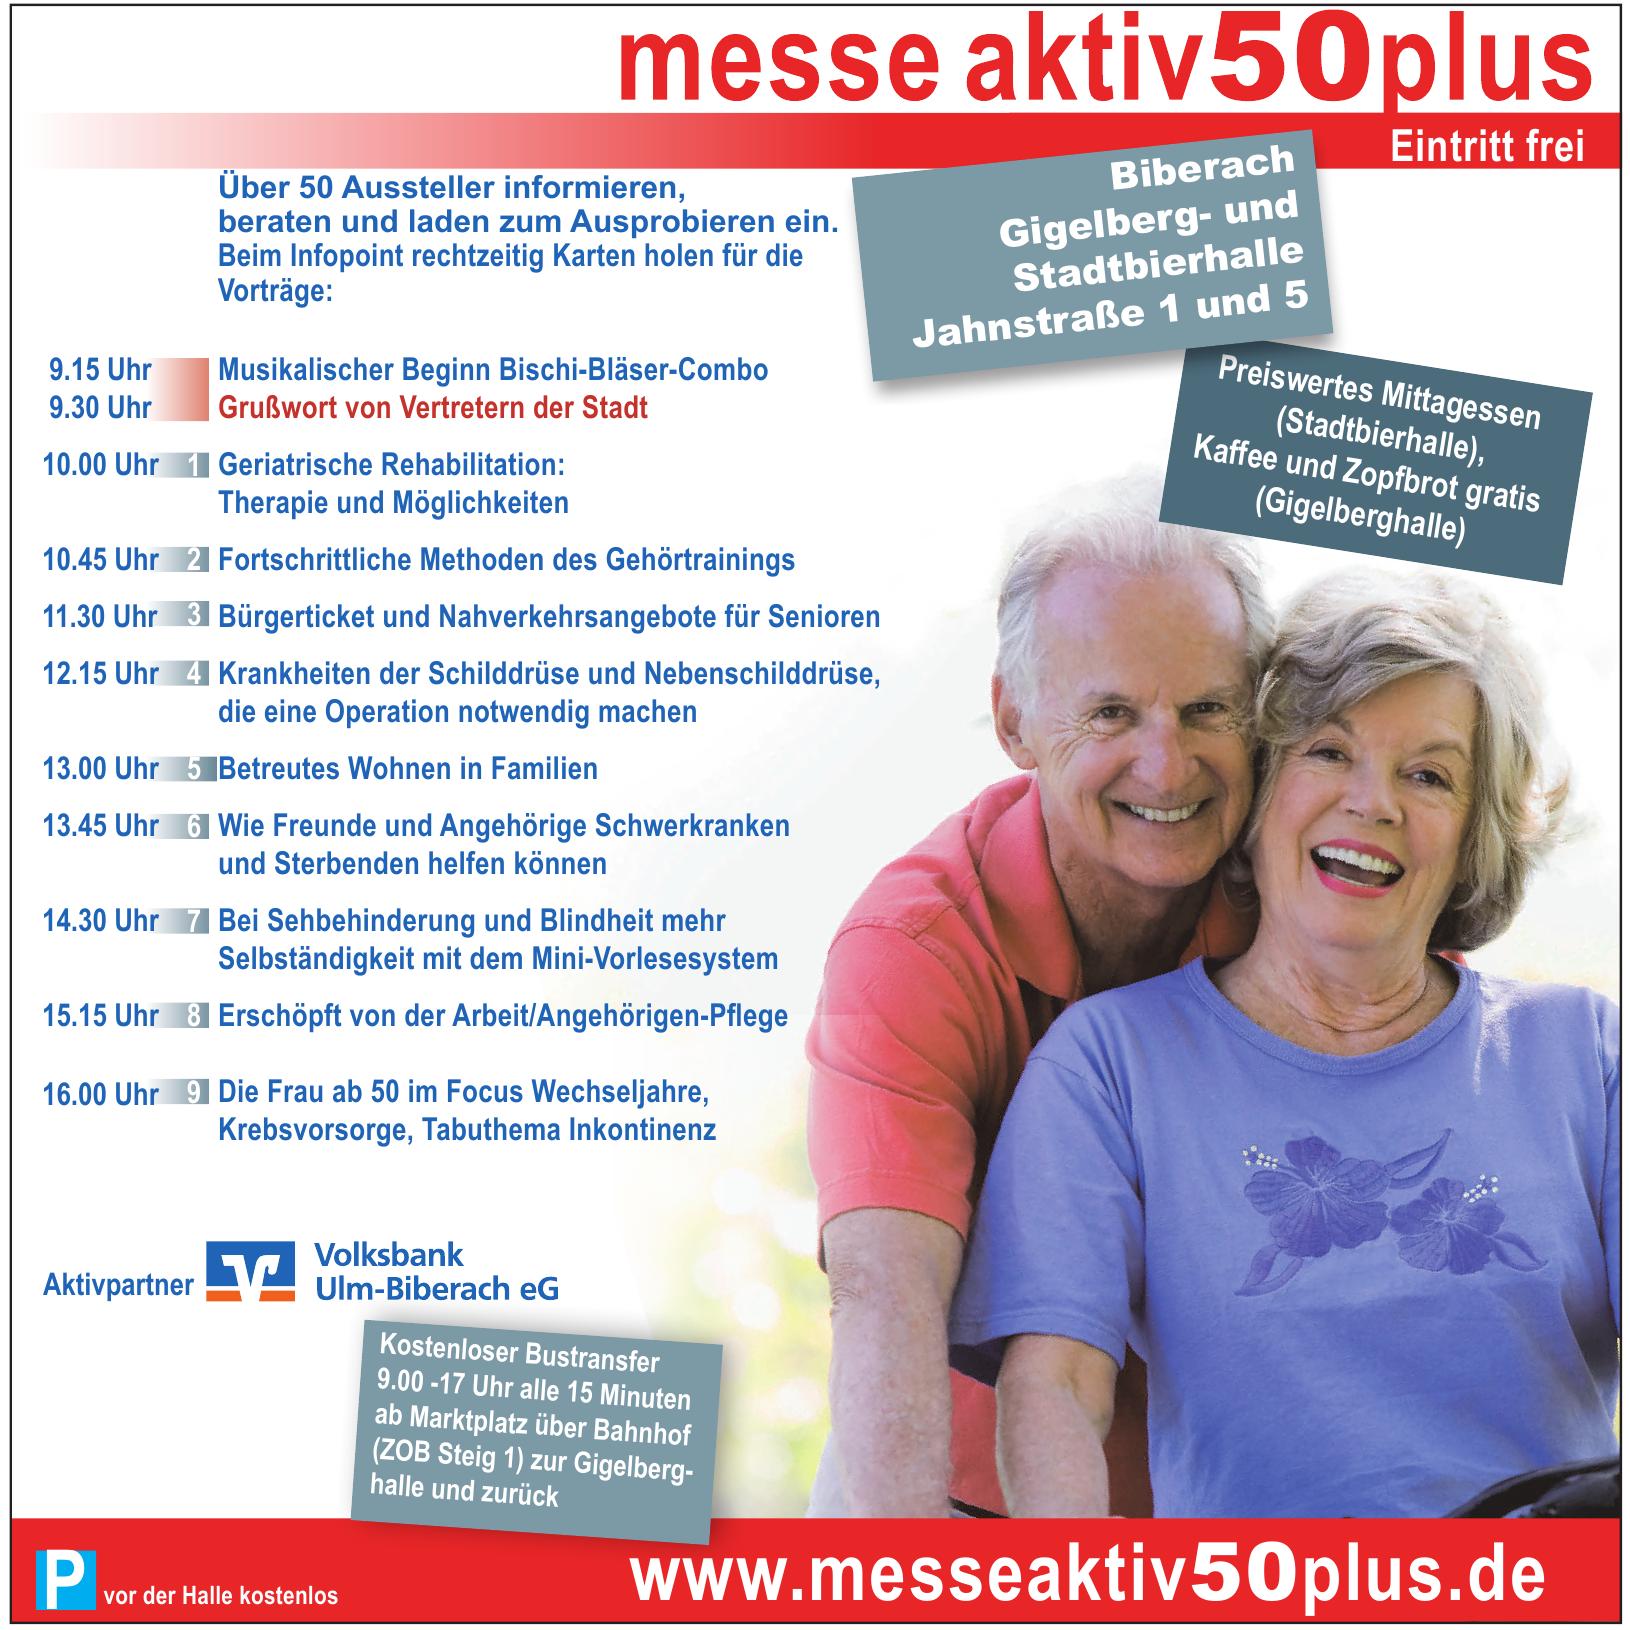 messe aktiv50plus